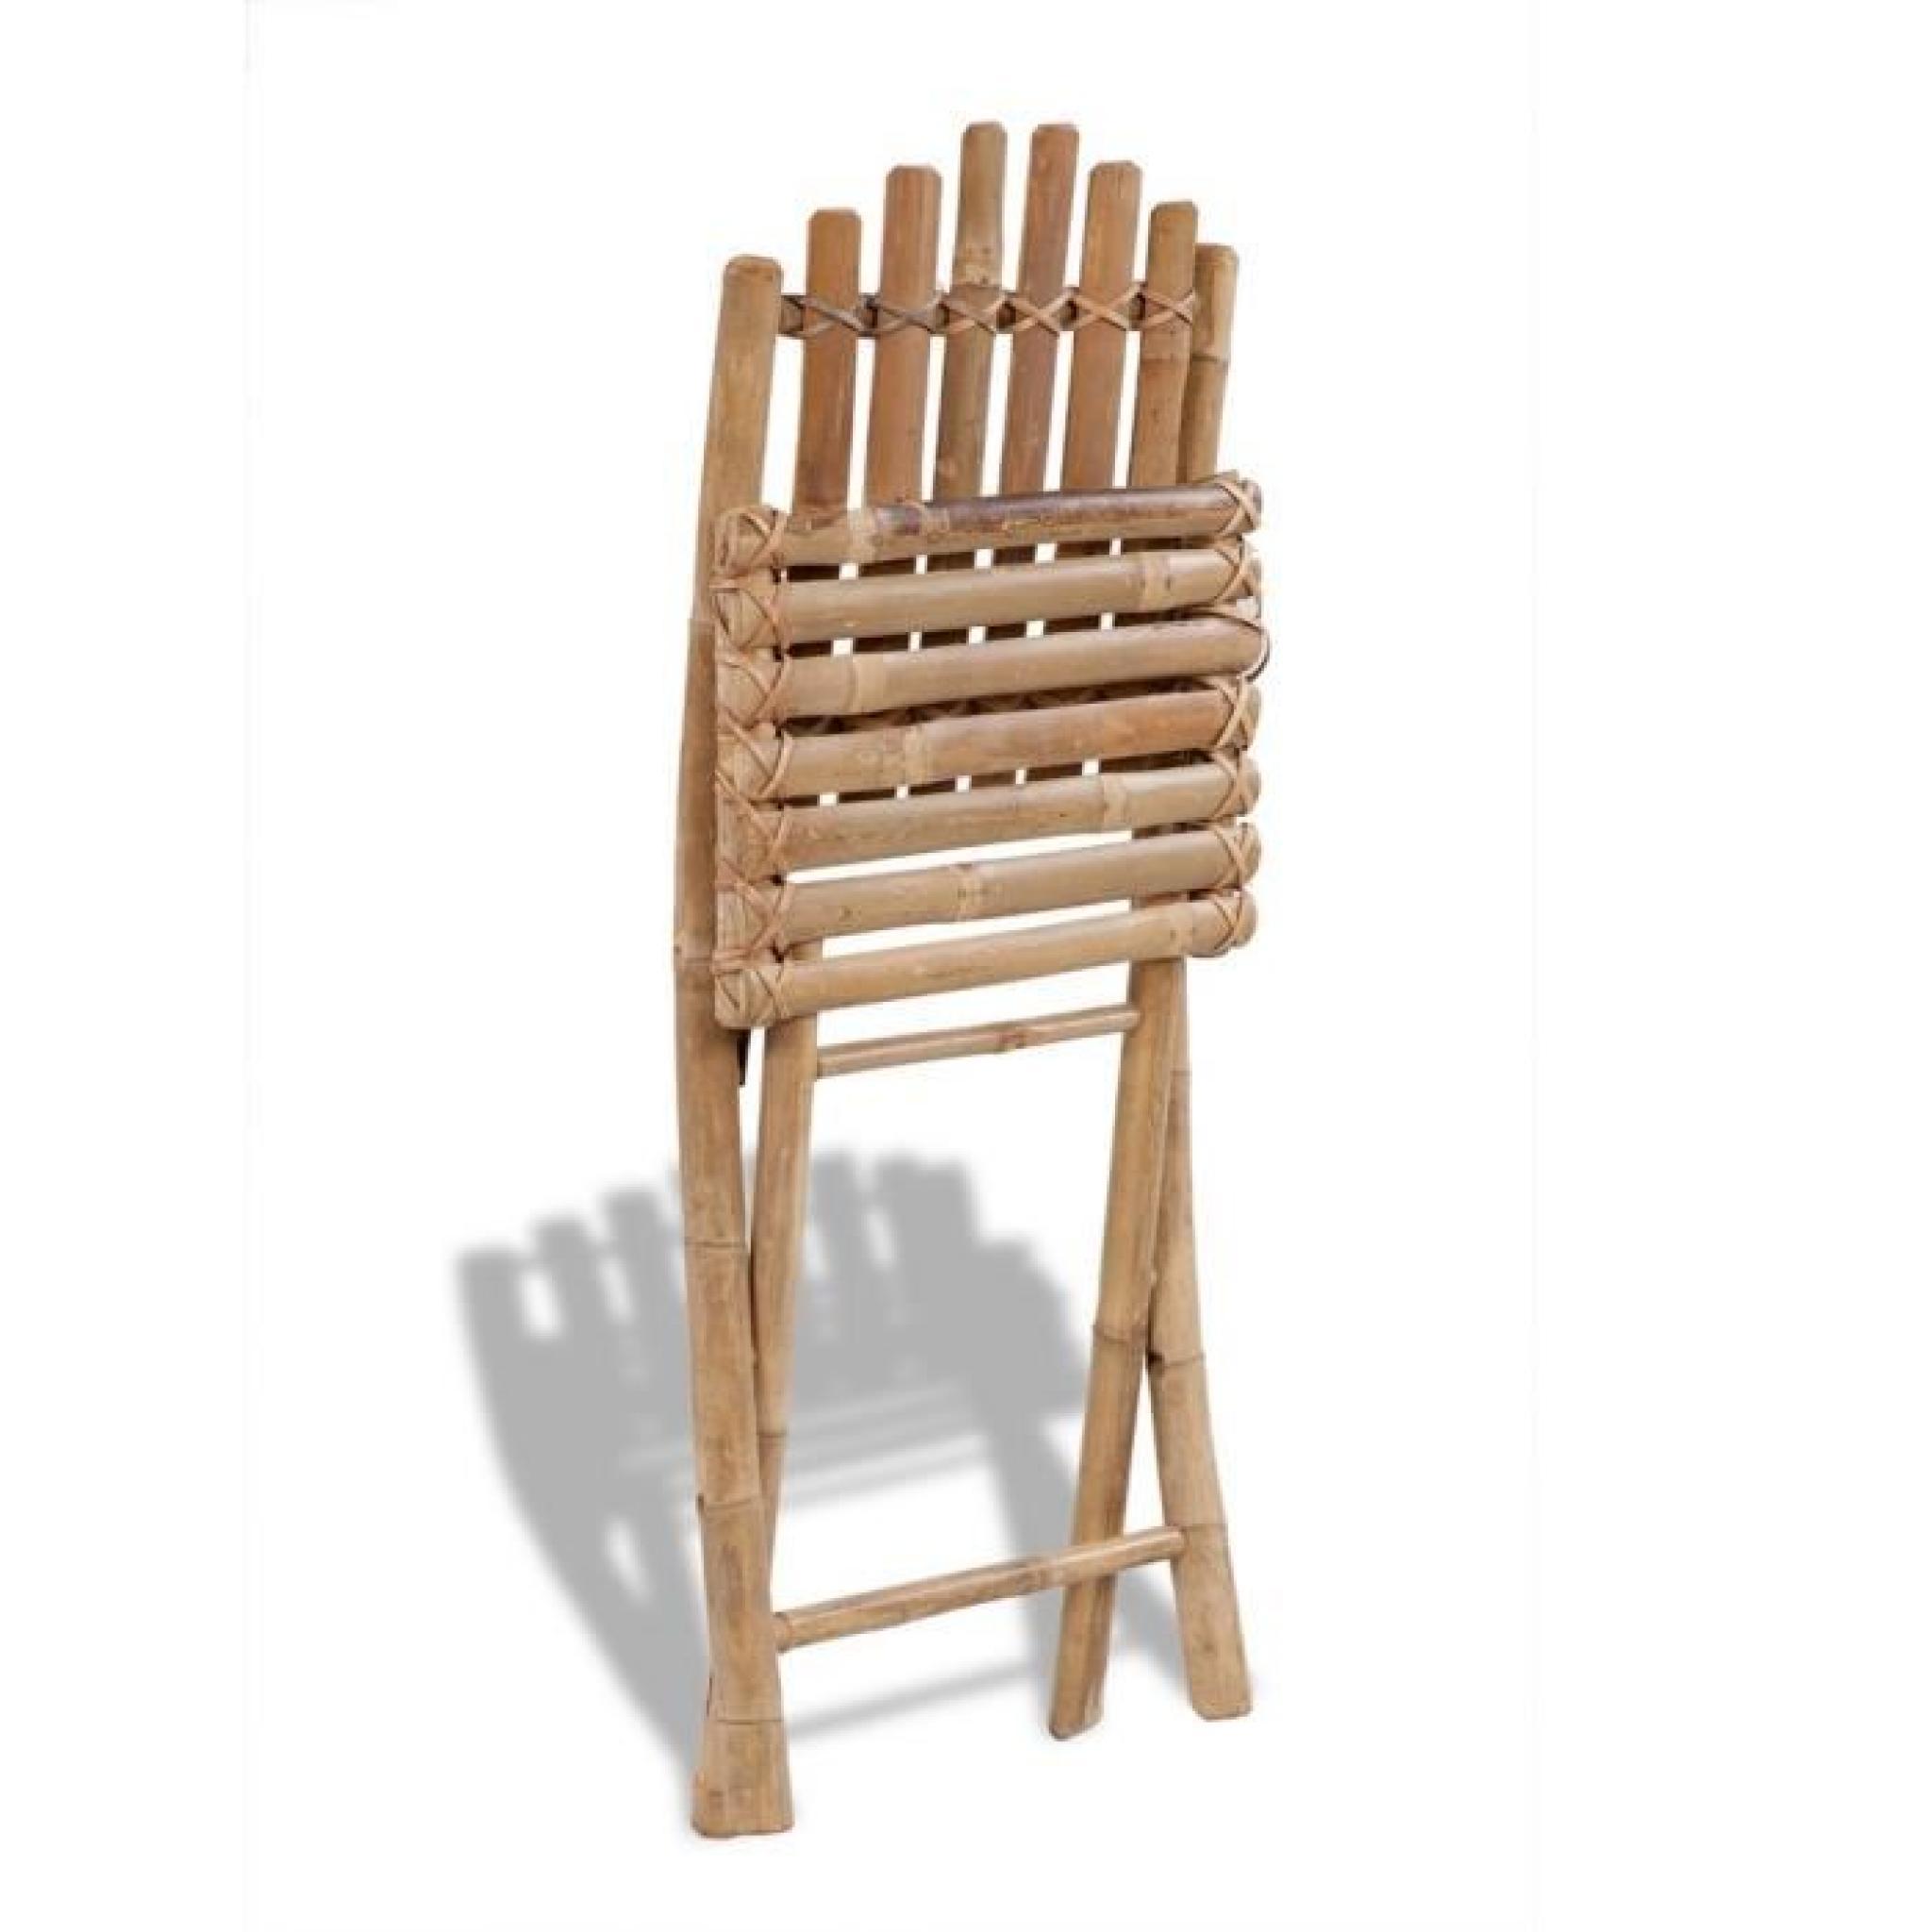 Ensembles de meubles d 39 exterieur set 1 table et 4 chaises for Ensemble table et chaise exterieur pas cher